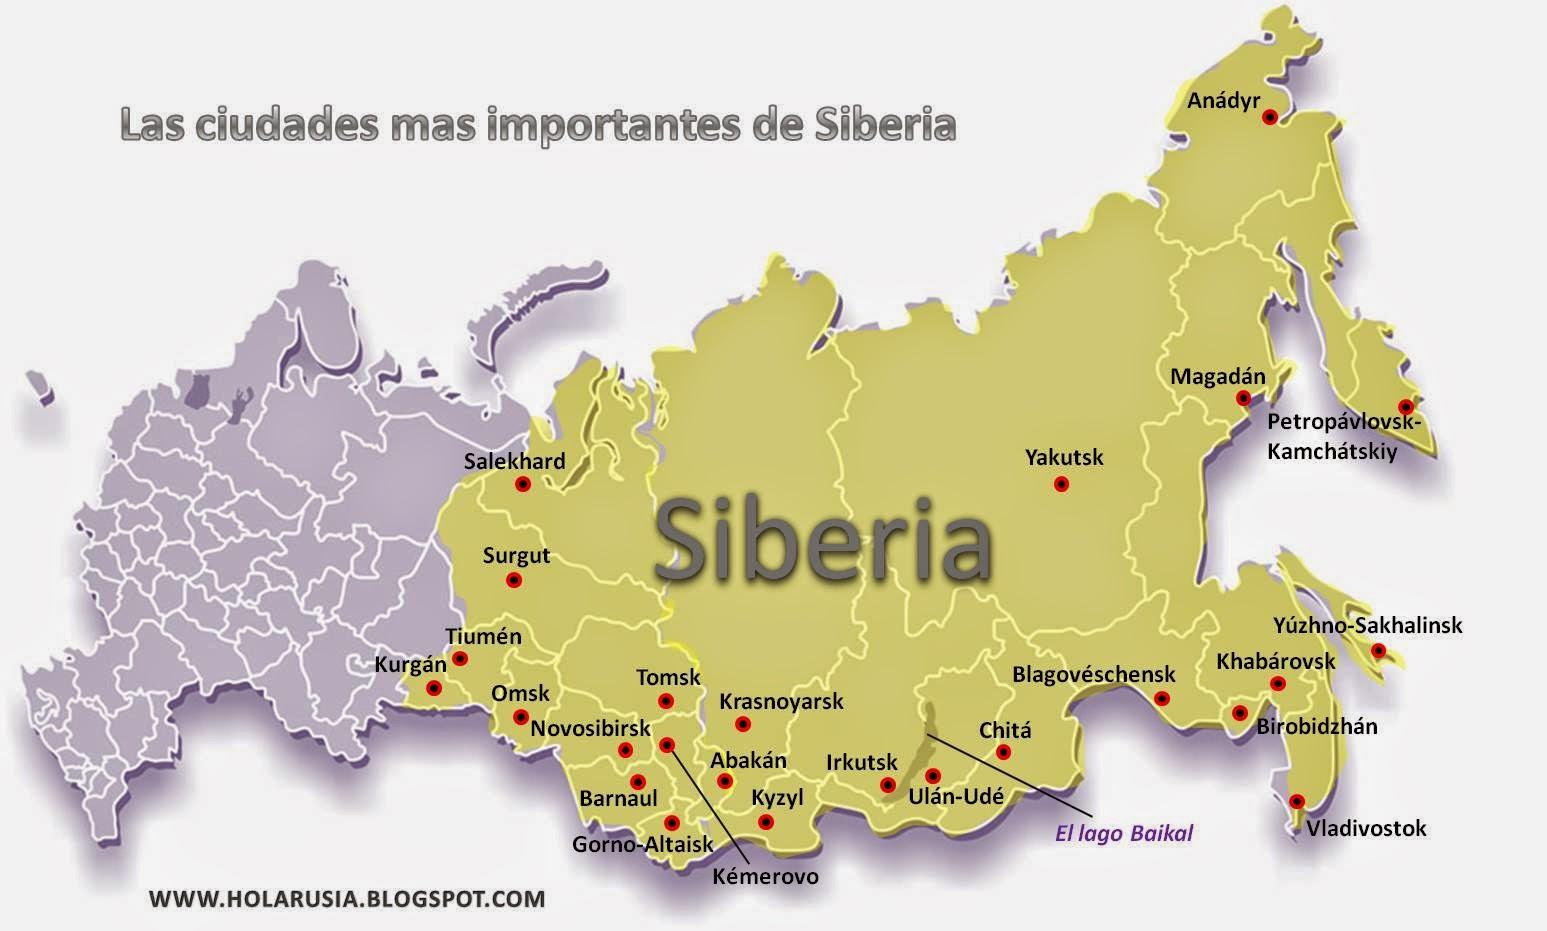 Ciudades De Rusia Mapa.El Mapa De Siberia Las Ciudades Importantes De Siberia